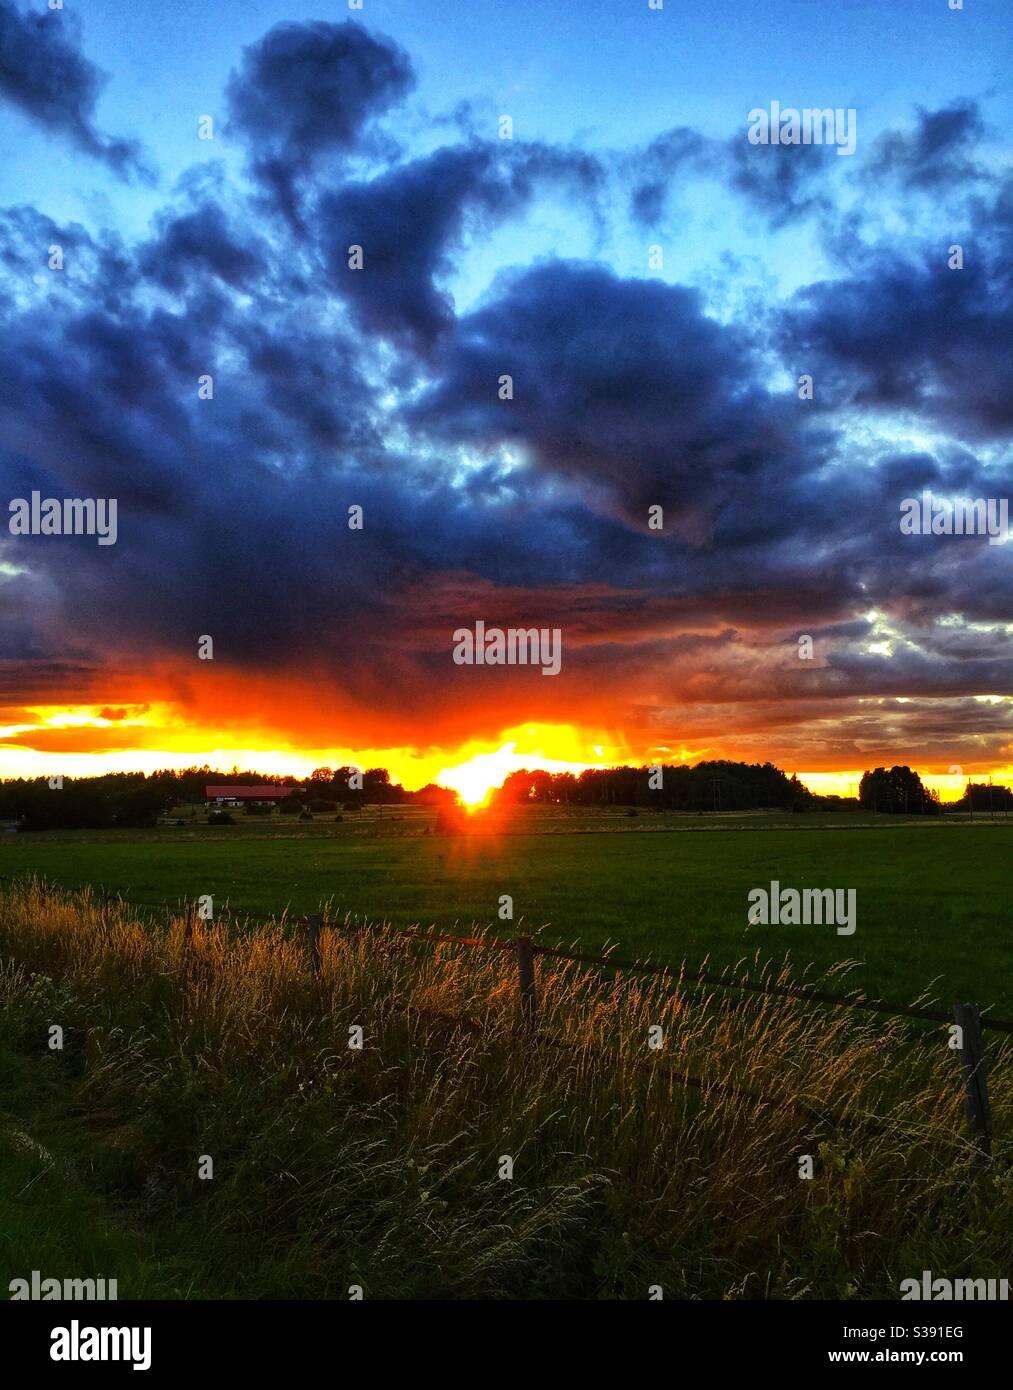 Coucher de soleil sur les champs agricoles ruraux à Märsta, dans le comté de Stockholm, en Suède. Ferme avec une grange en arrière-plan. Banque D'Images